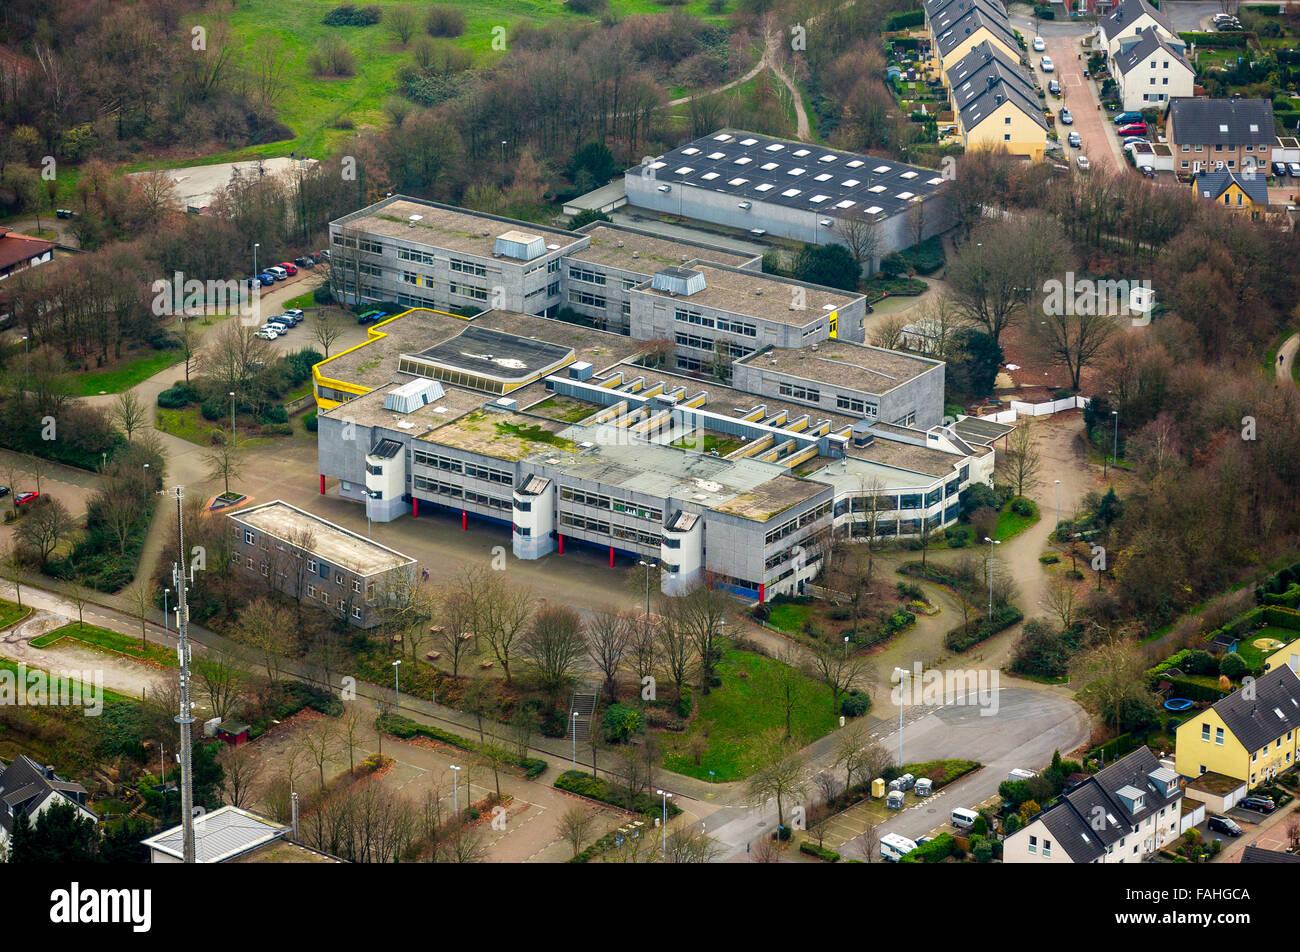 Aerial view, vocational colleges Lehner Street, comprehensive school Saarn, Saarner knoll Saarn, Mülheim an - Stock Image